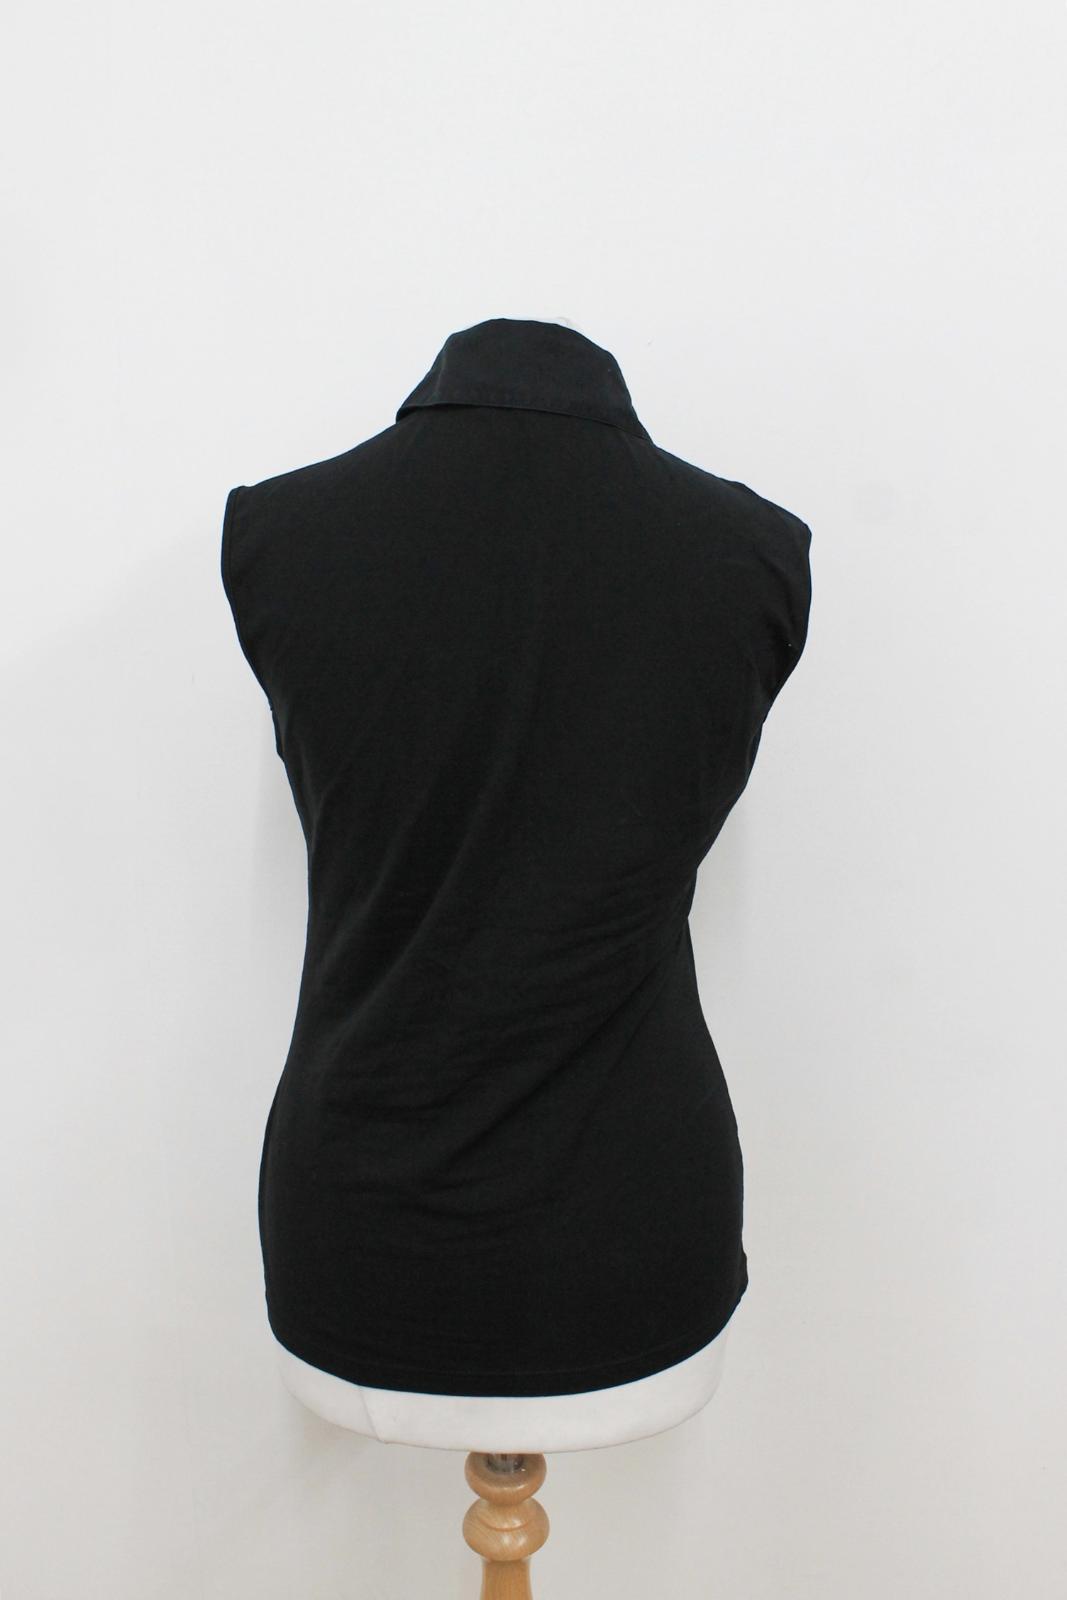 Fontaine nero Uk10 elasticizzato senza Anne Eu38 colletto maniche Ladies colletto abbottonato PZiTkuXO